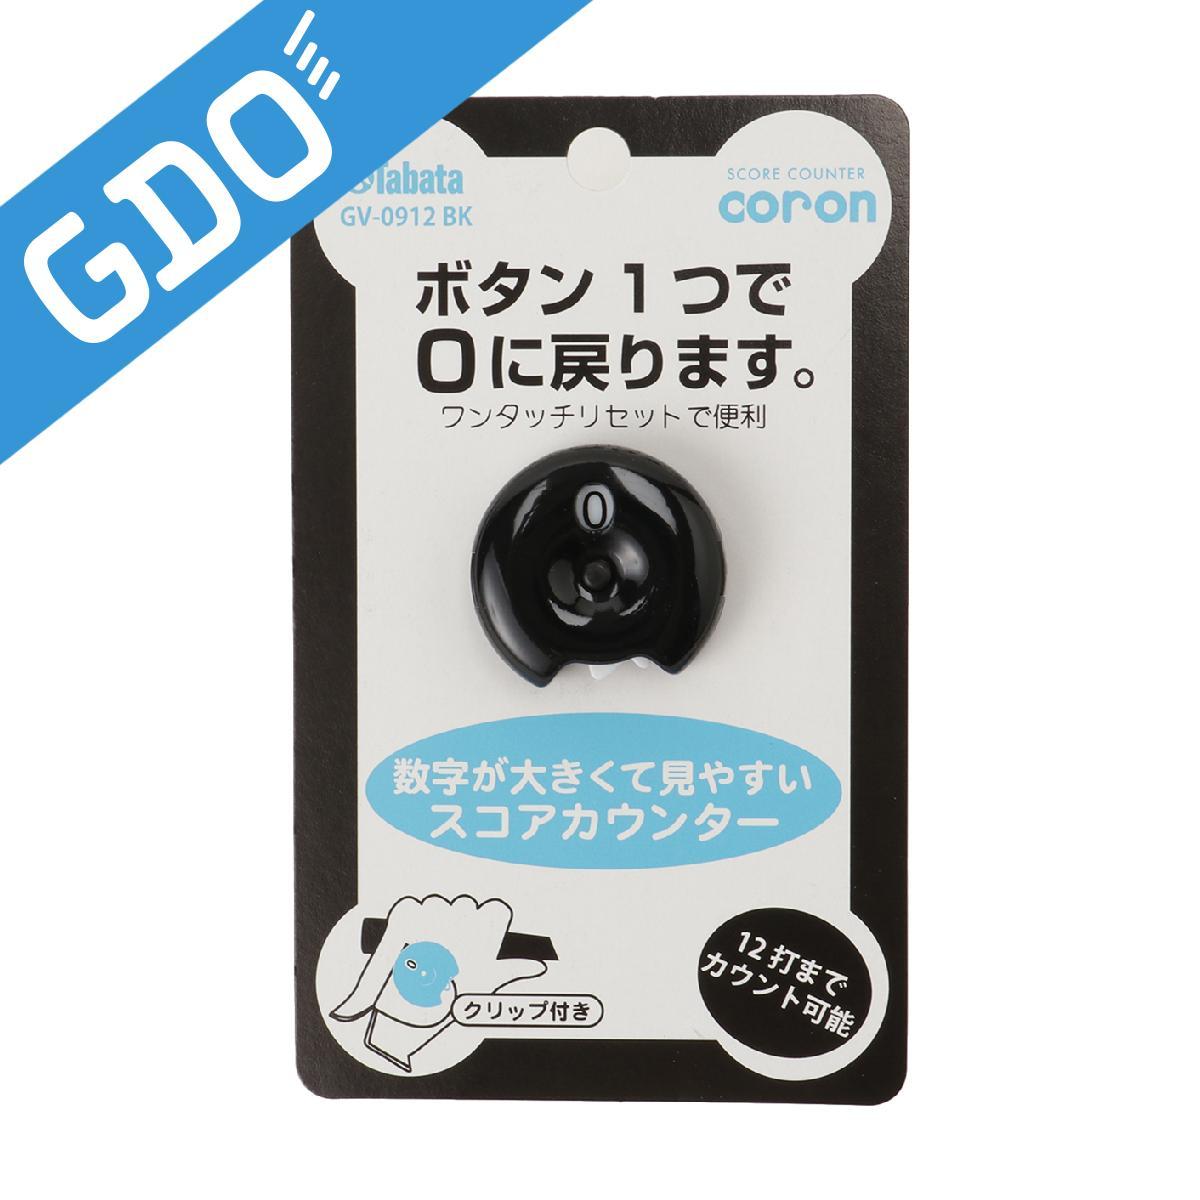 【最大2,000円OFFクーポン配布中】タバタ Tabata スコアカウンター coron GV-0912